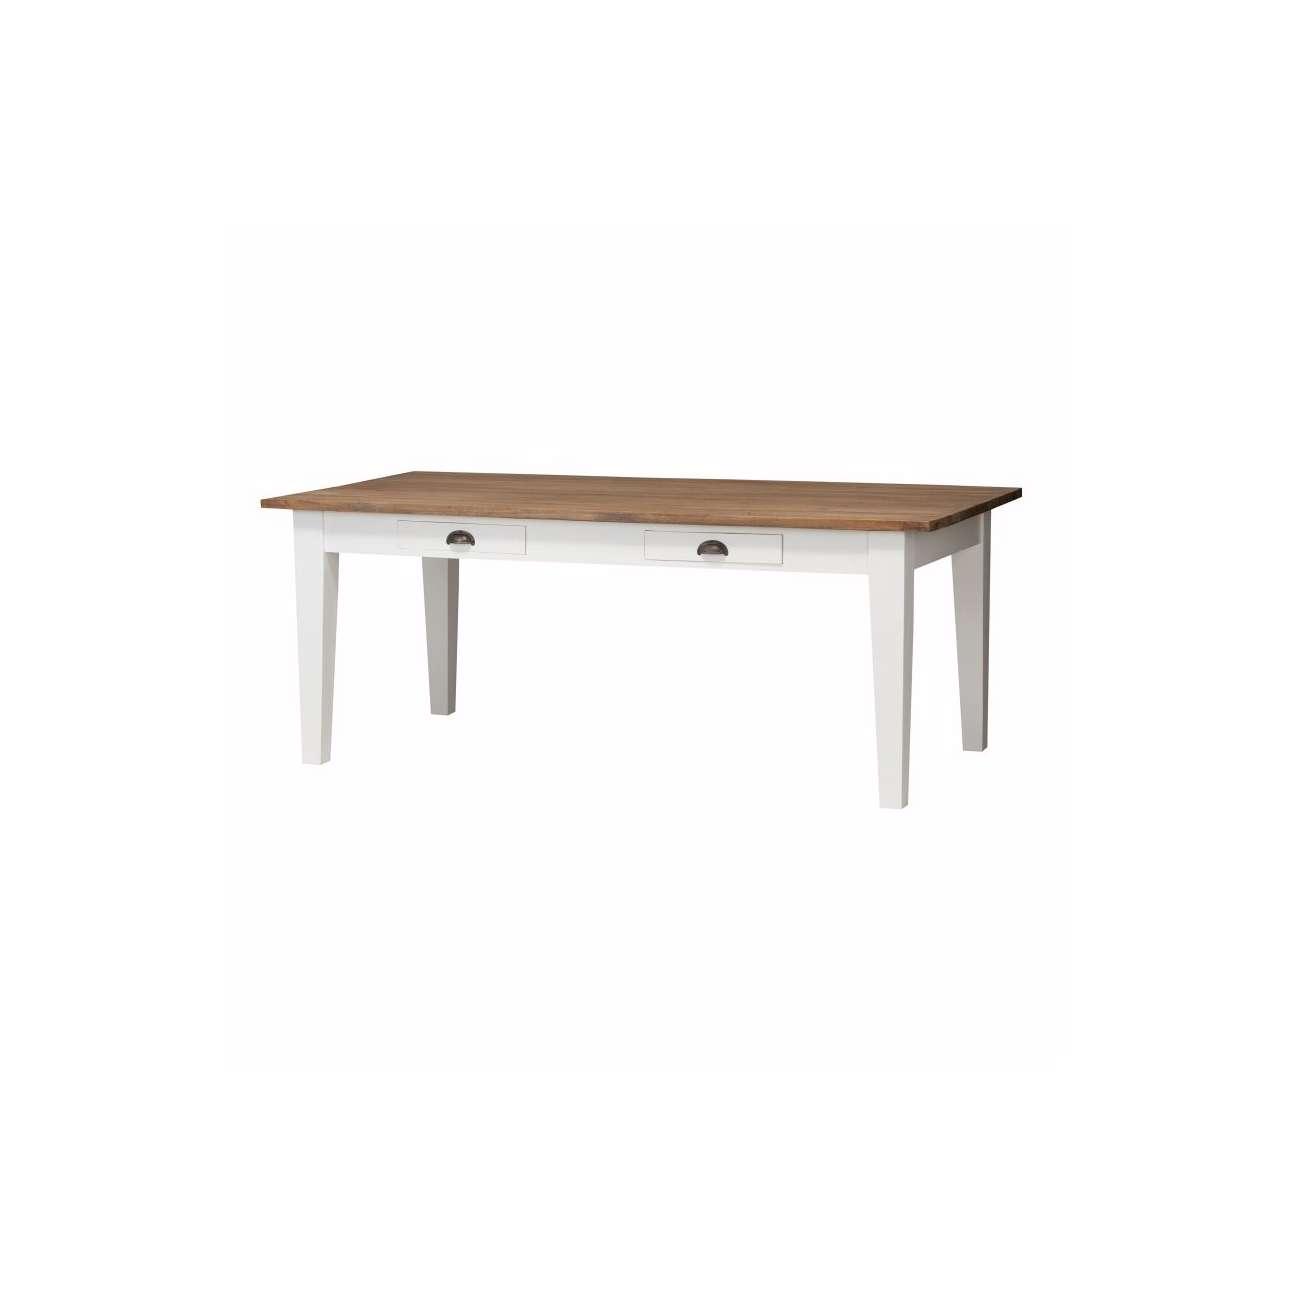 Stůl Milton white&natural 200x100x78cm